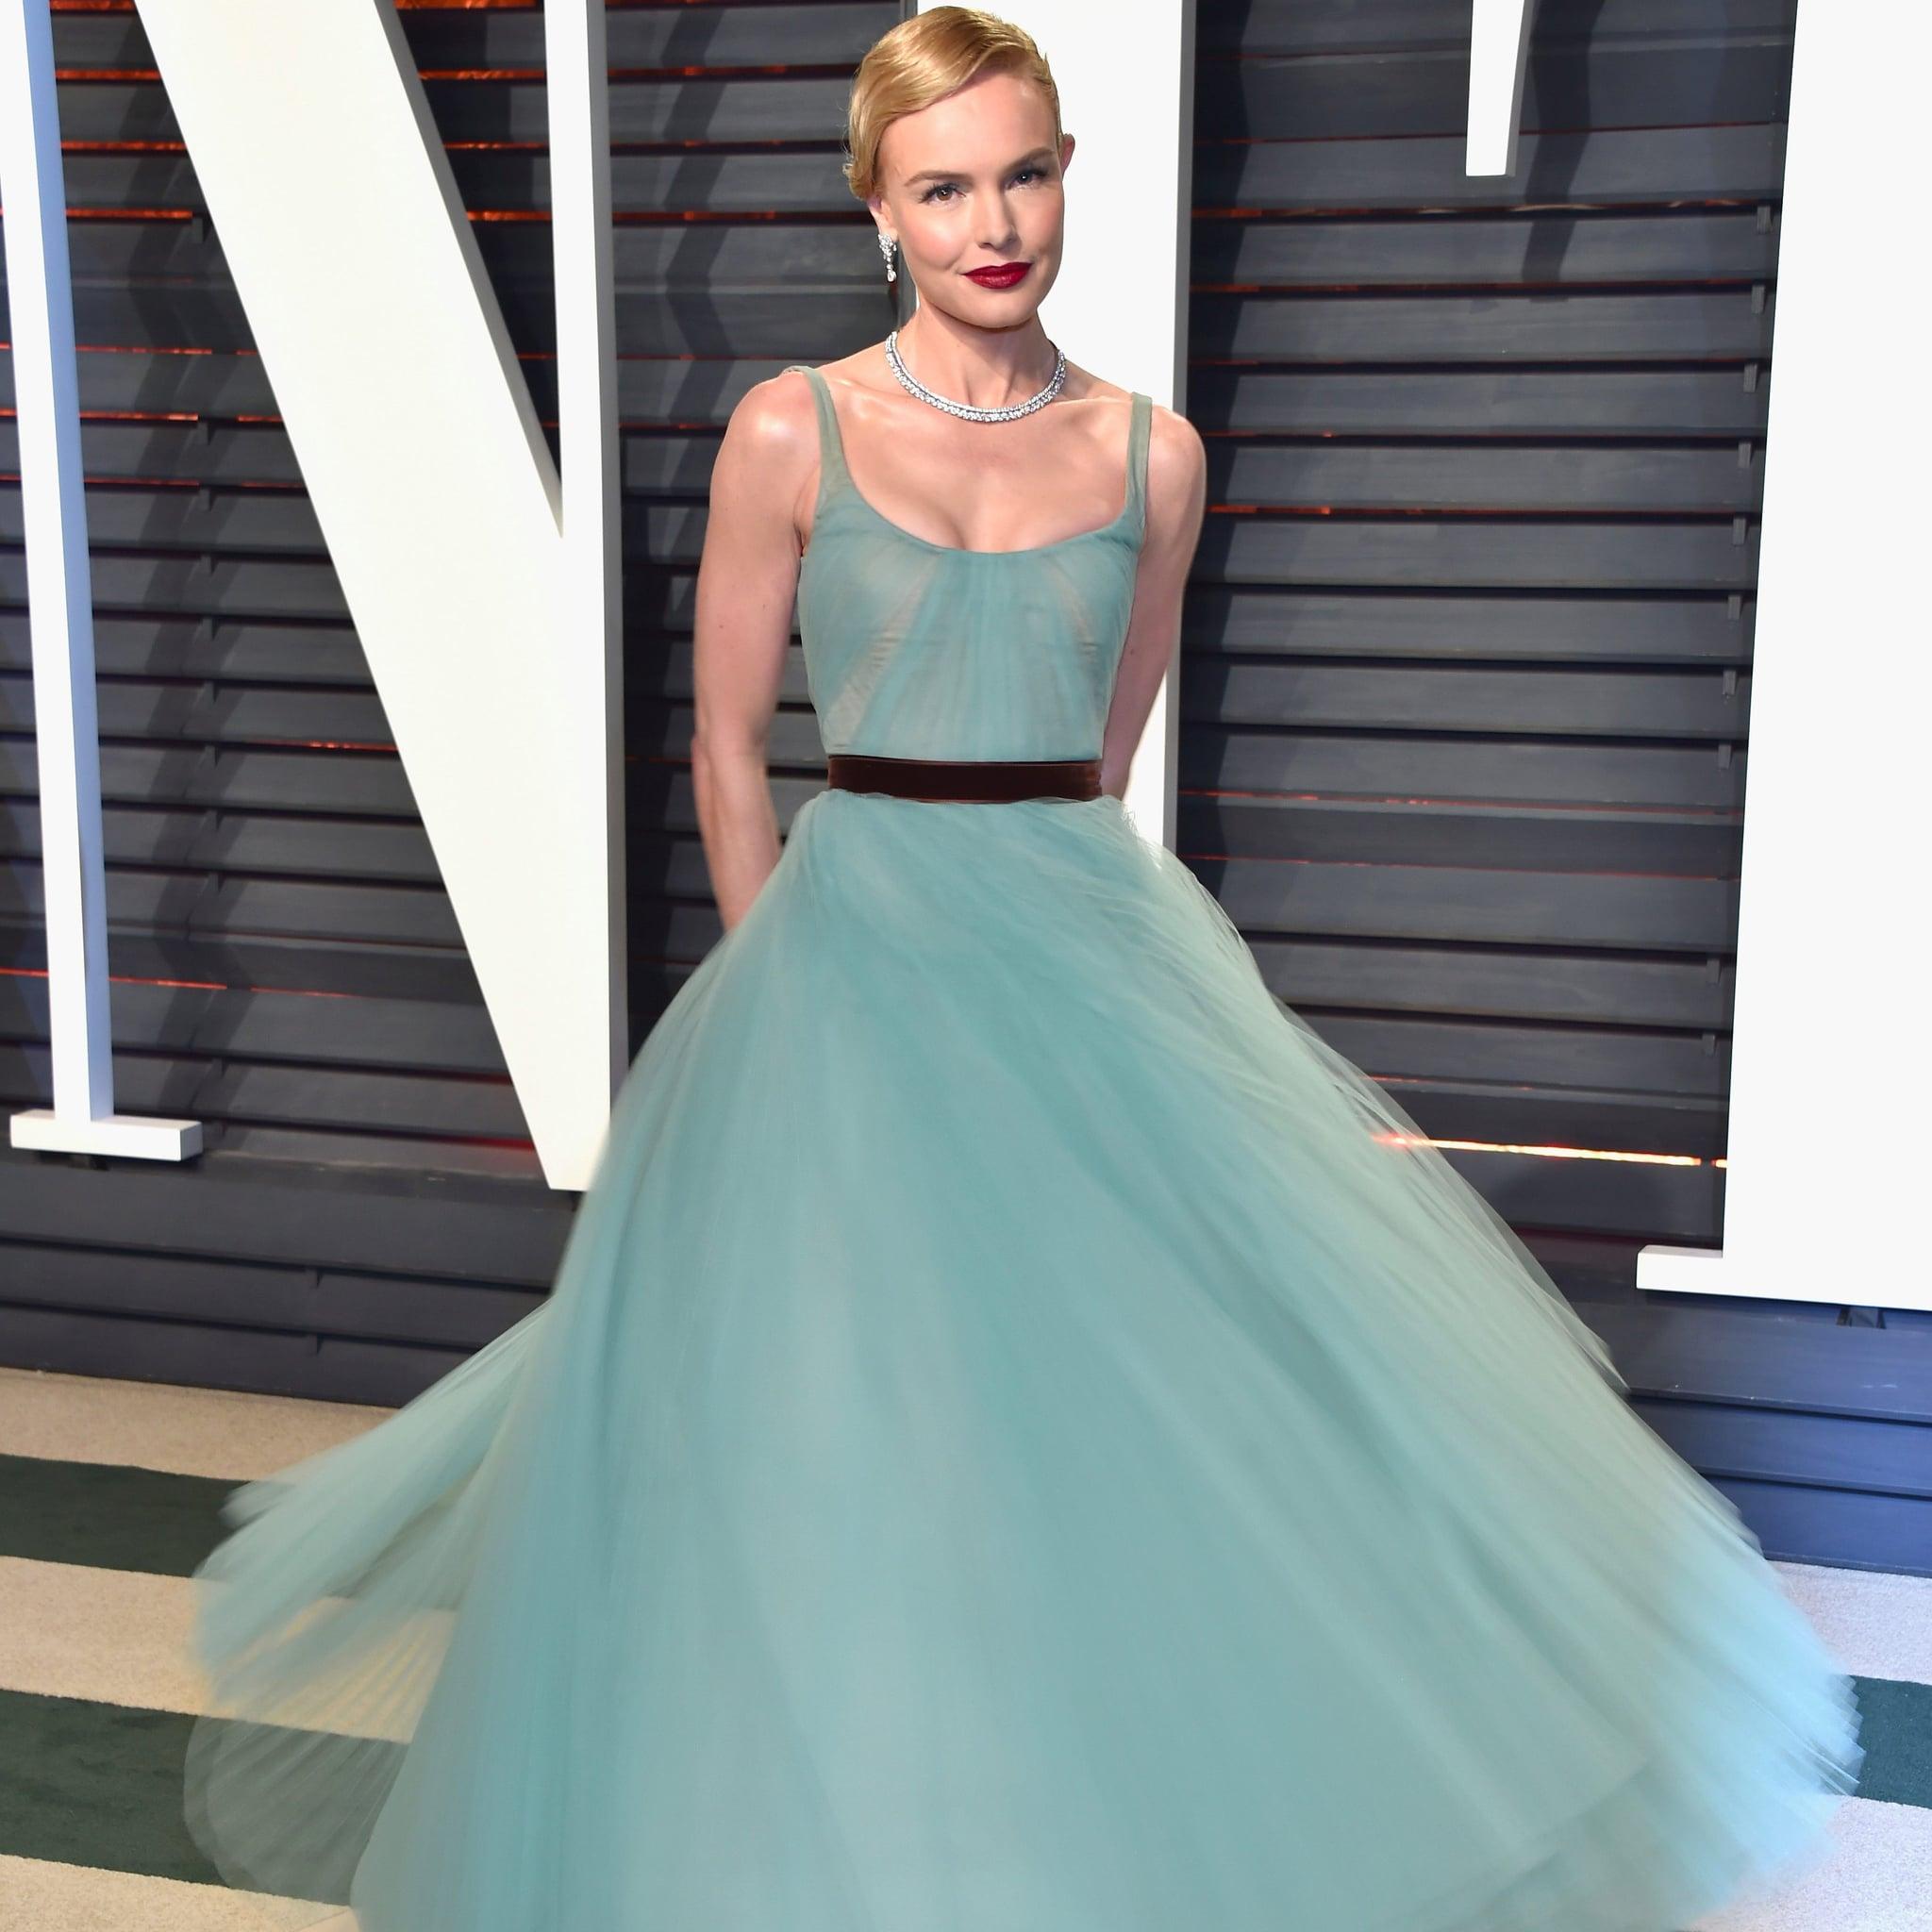 Disney Tiana Wedding Dress 68 New